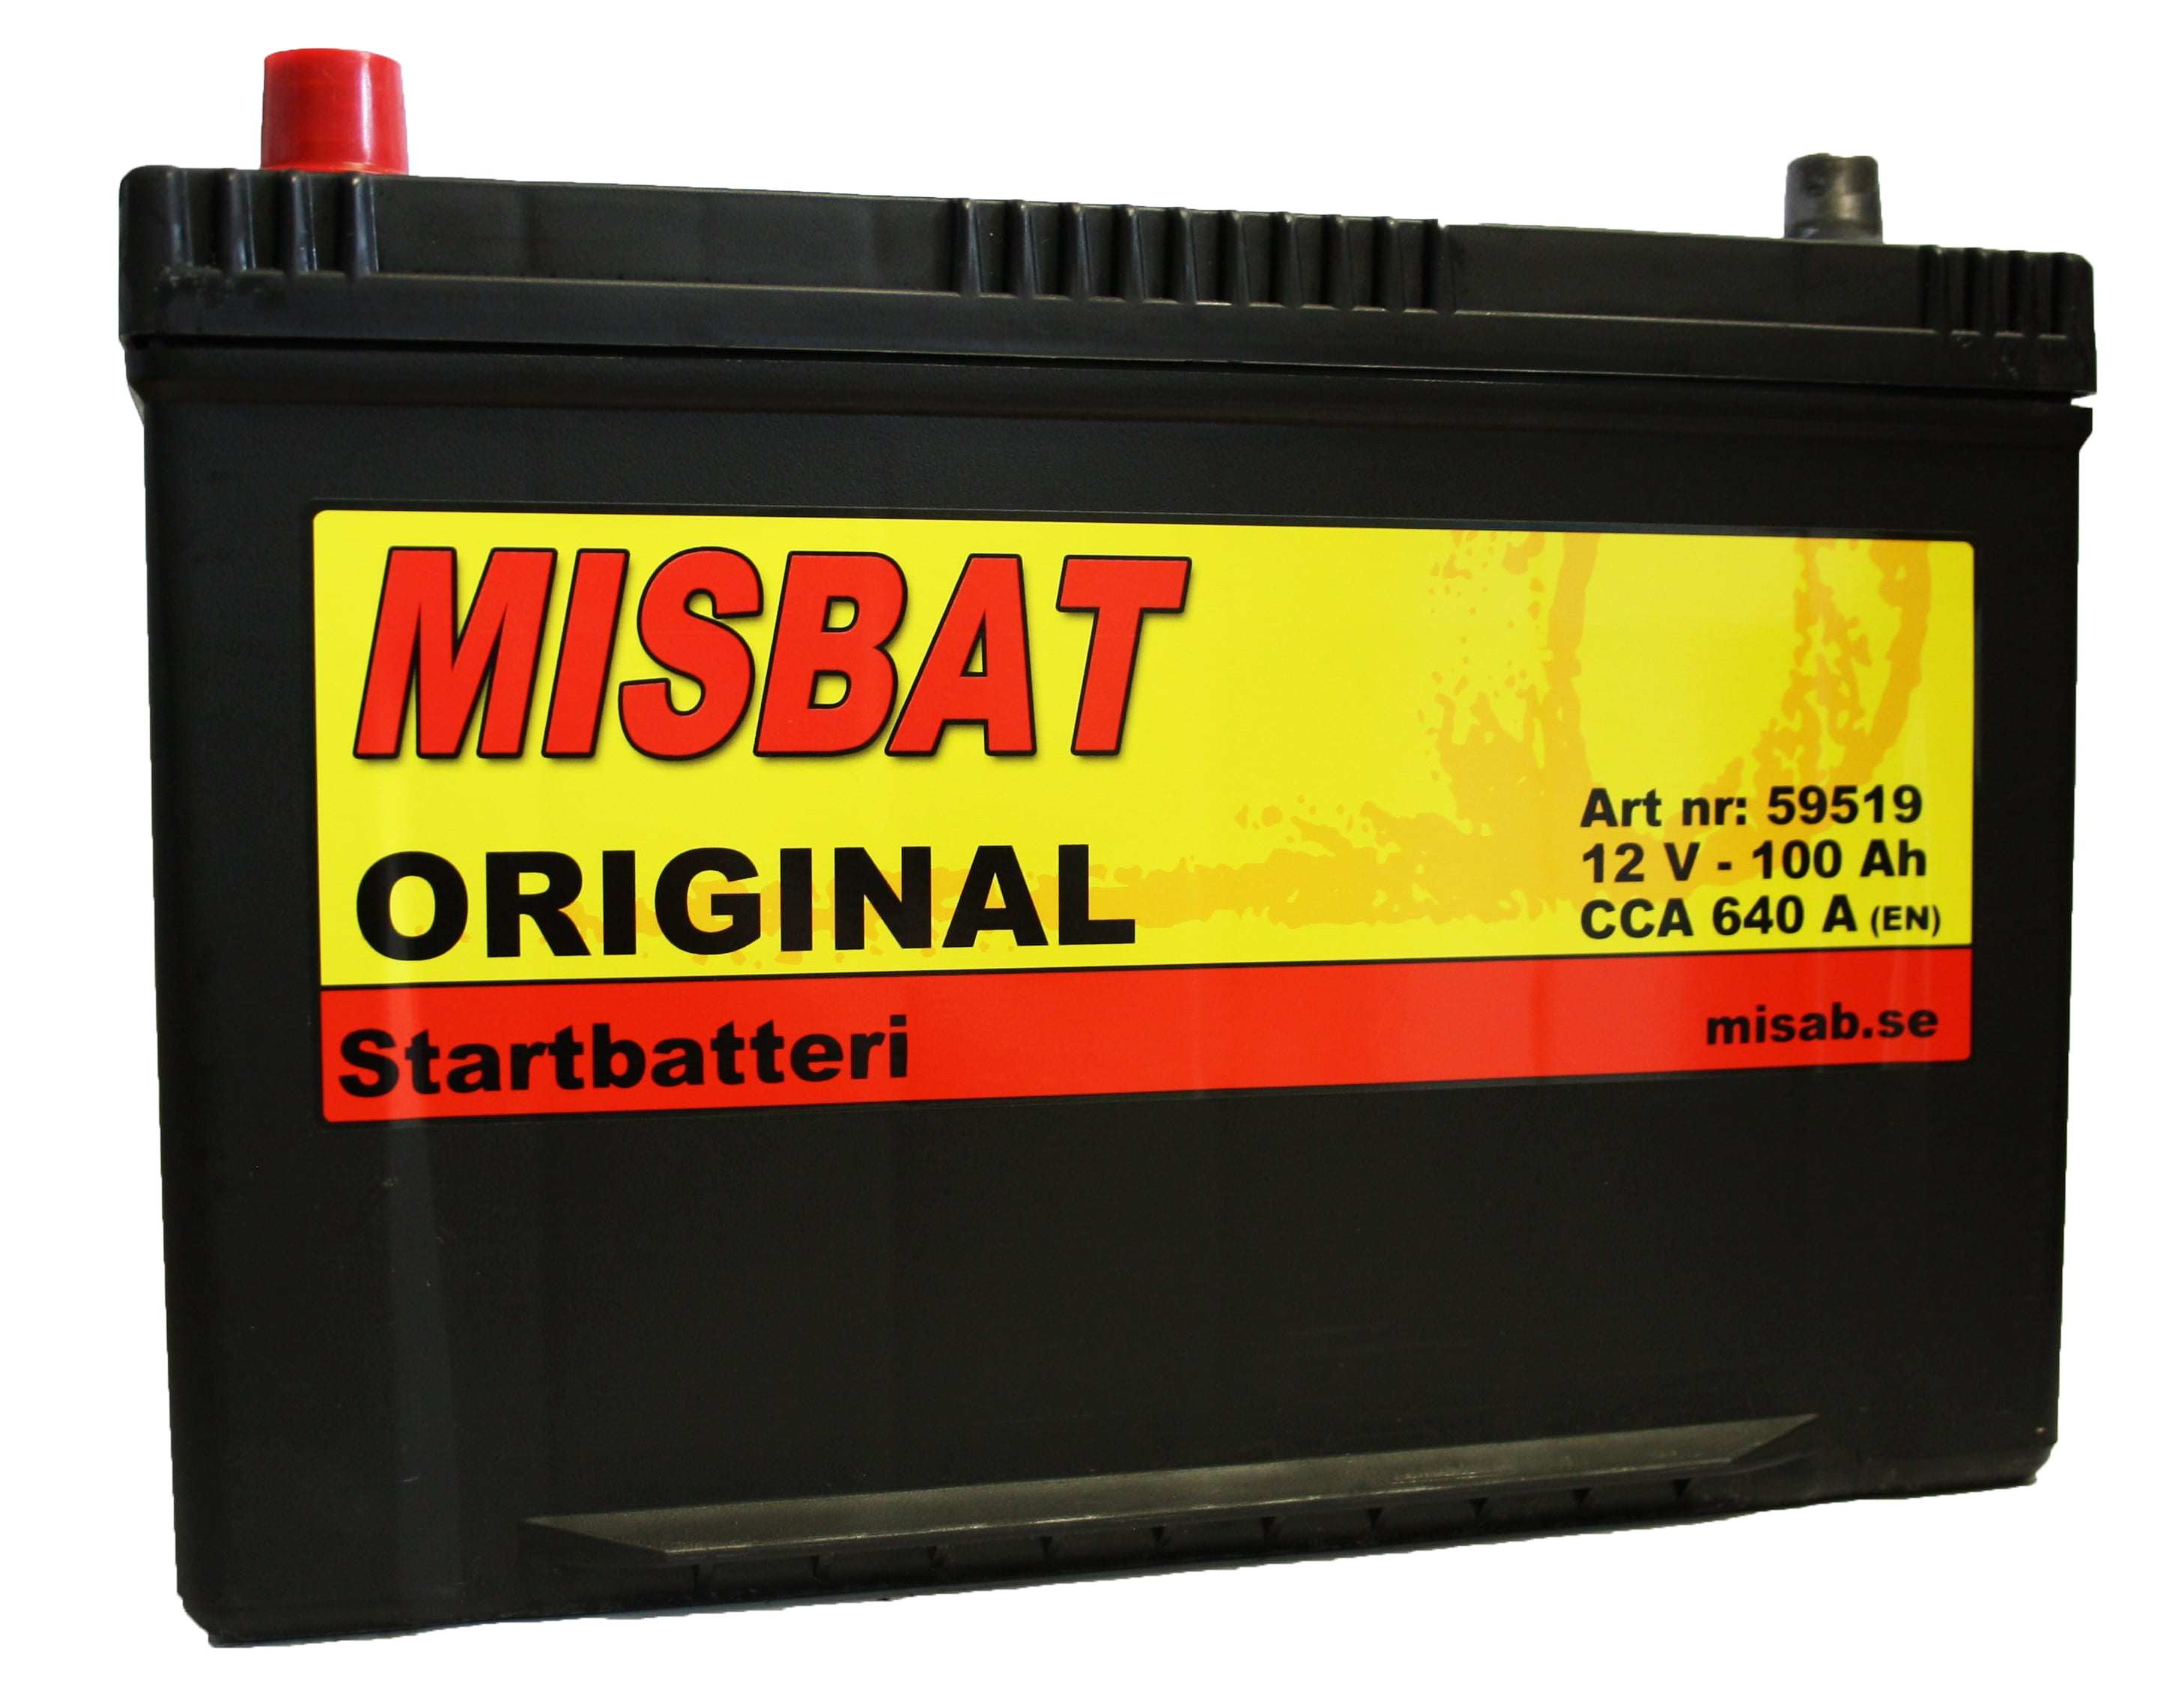 MISBAT ORIGINAL 100AH